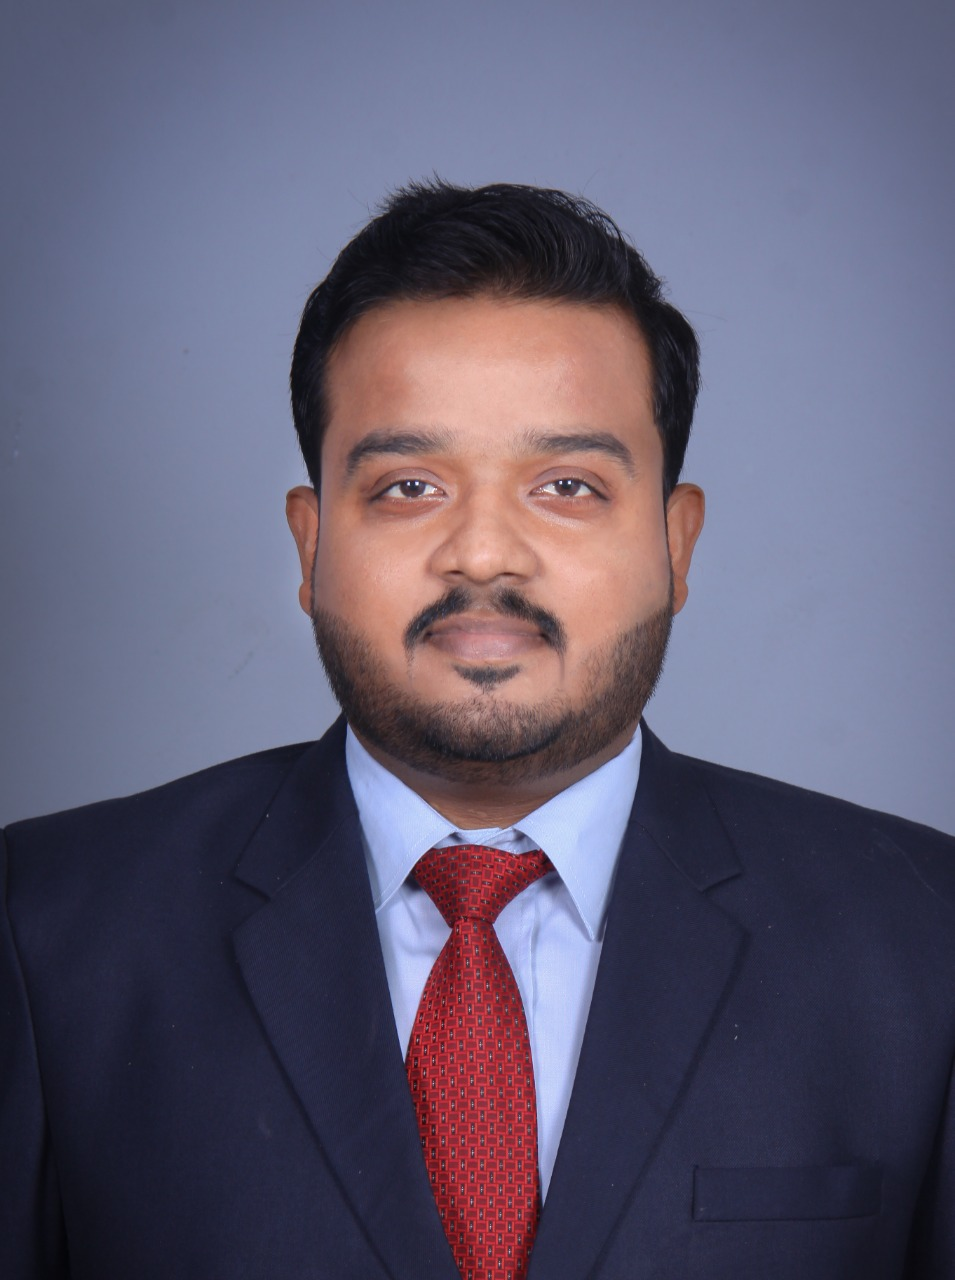 Mr. Sujit A. Desai